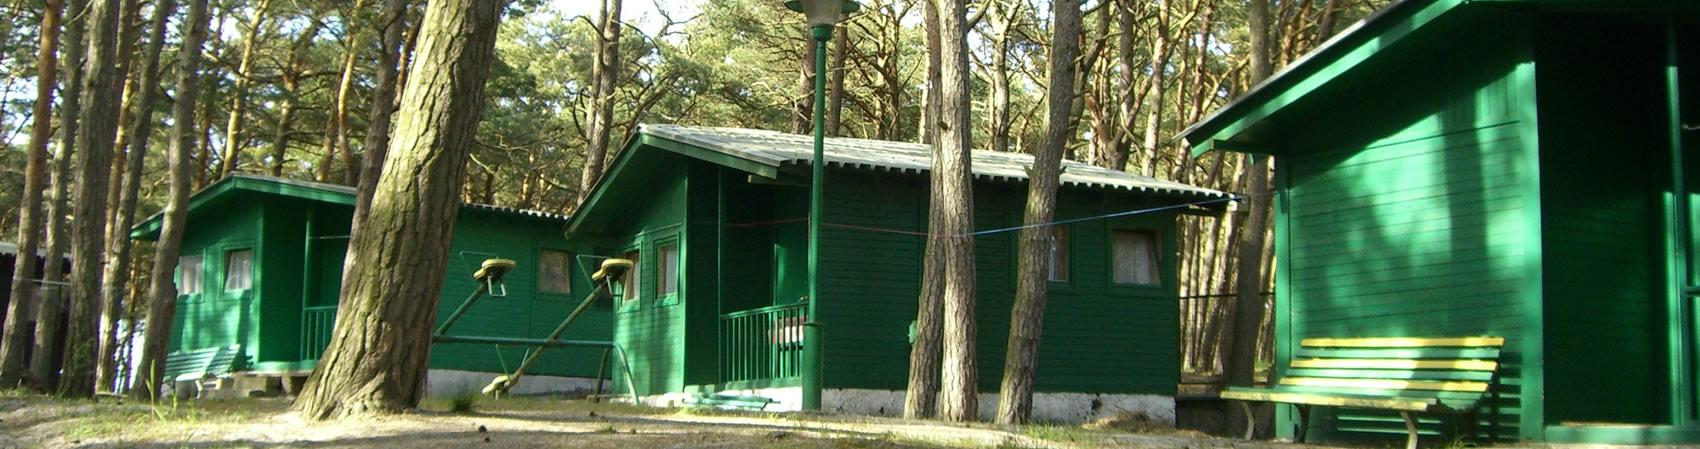 Domki Mrzeżyno